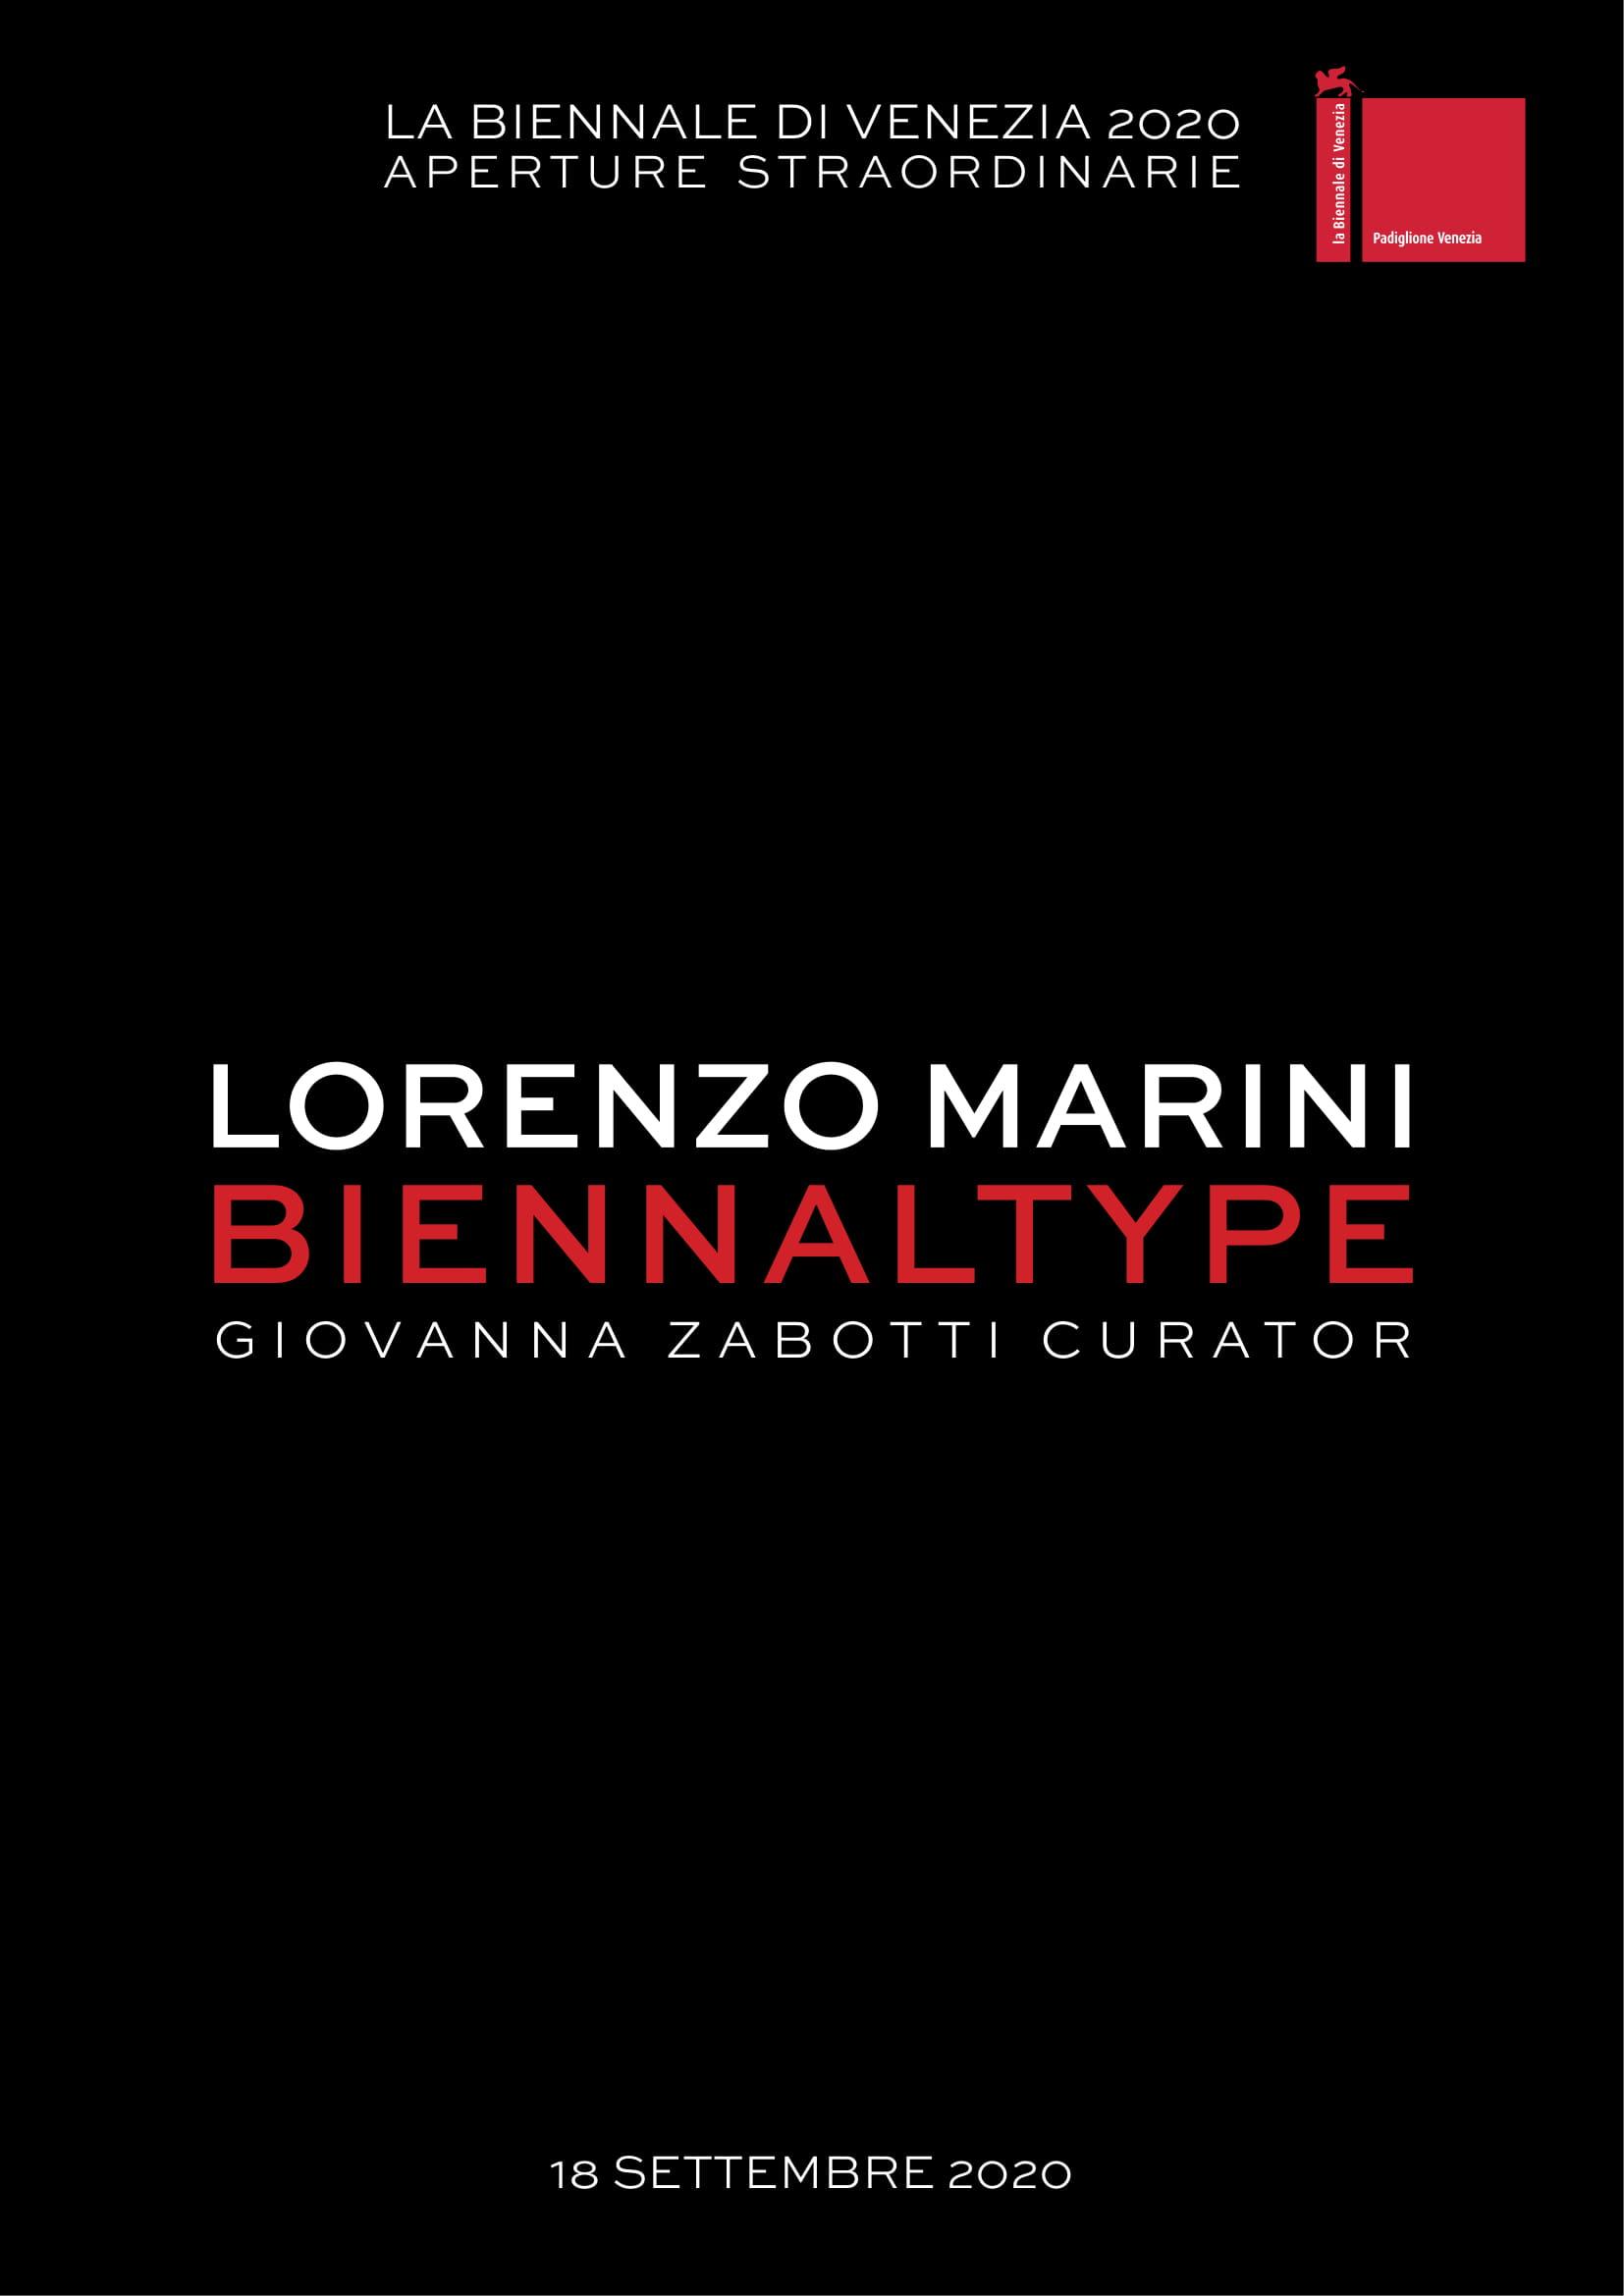 Aperture straordinarie, Biennale di Venezia 2020